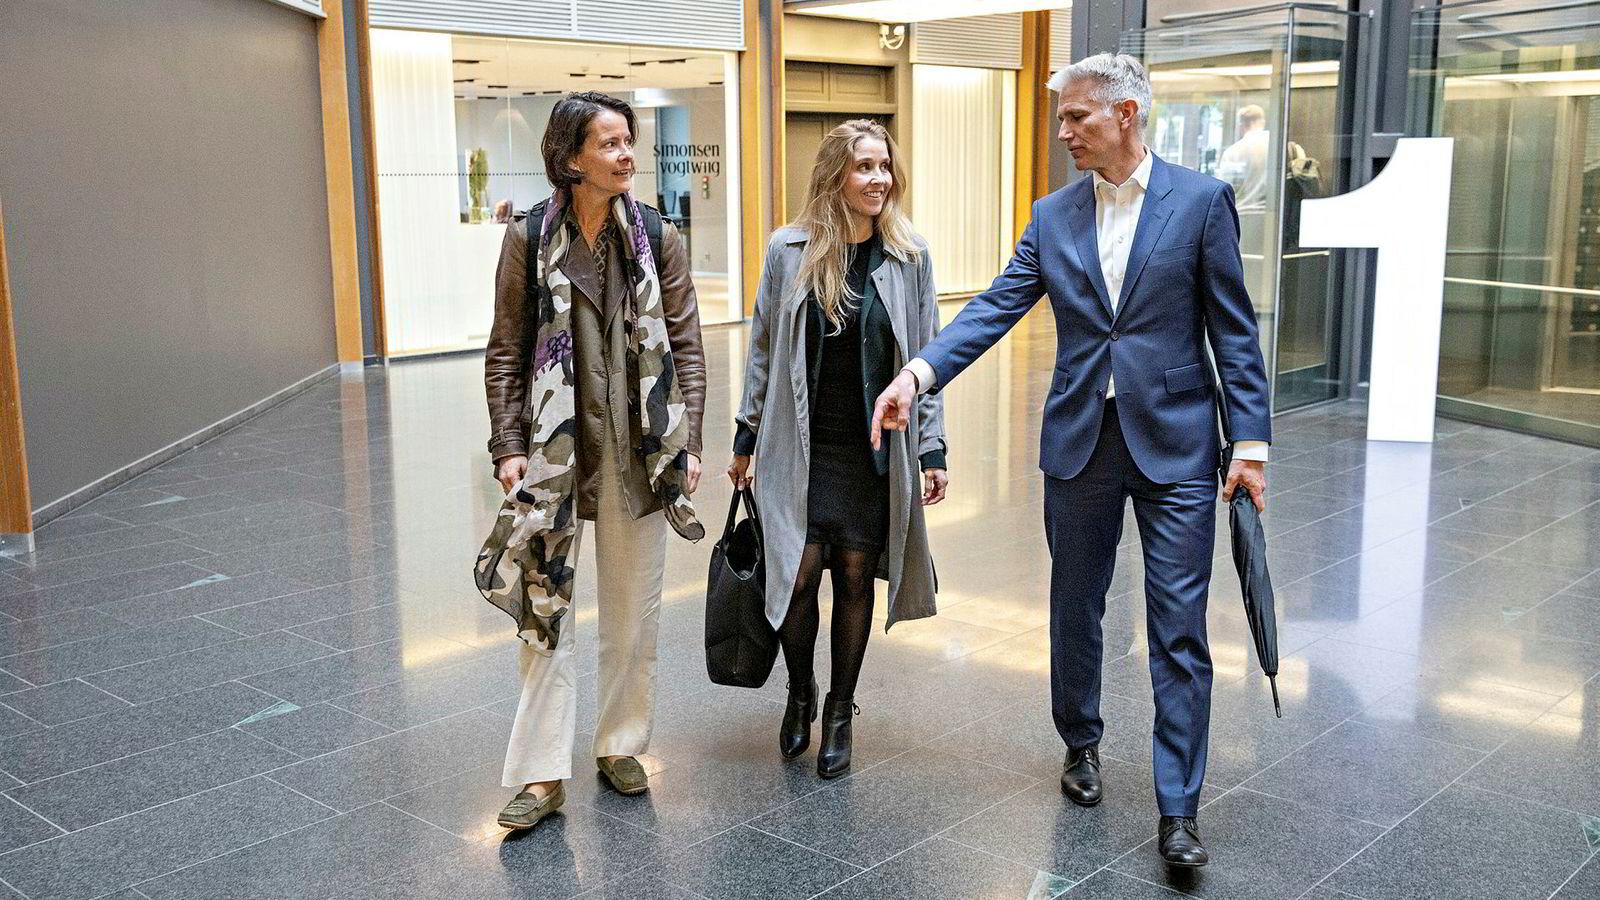 Skagen-direktør Alexandra Morris (til venstre), DNB-forvalter Anette Hjertø og Sindre Støer, sjef i Verdipapirforetakenes forbund mener det har skjedd en holdningsendring i finans. – I det du får inn kvinner i teamene, fungerer det på en annen og mye mer gunstig måte, sier Støer.